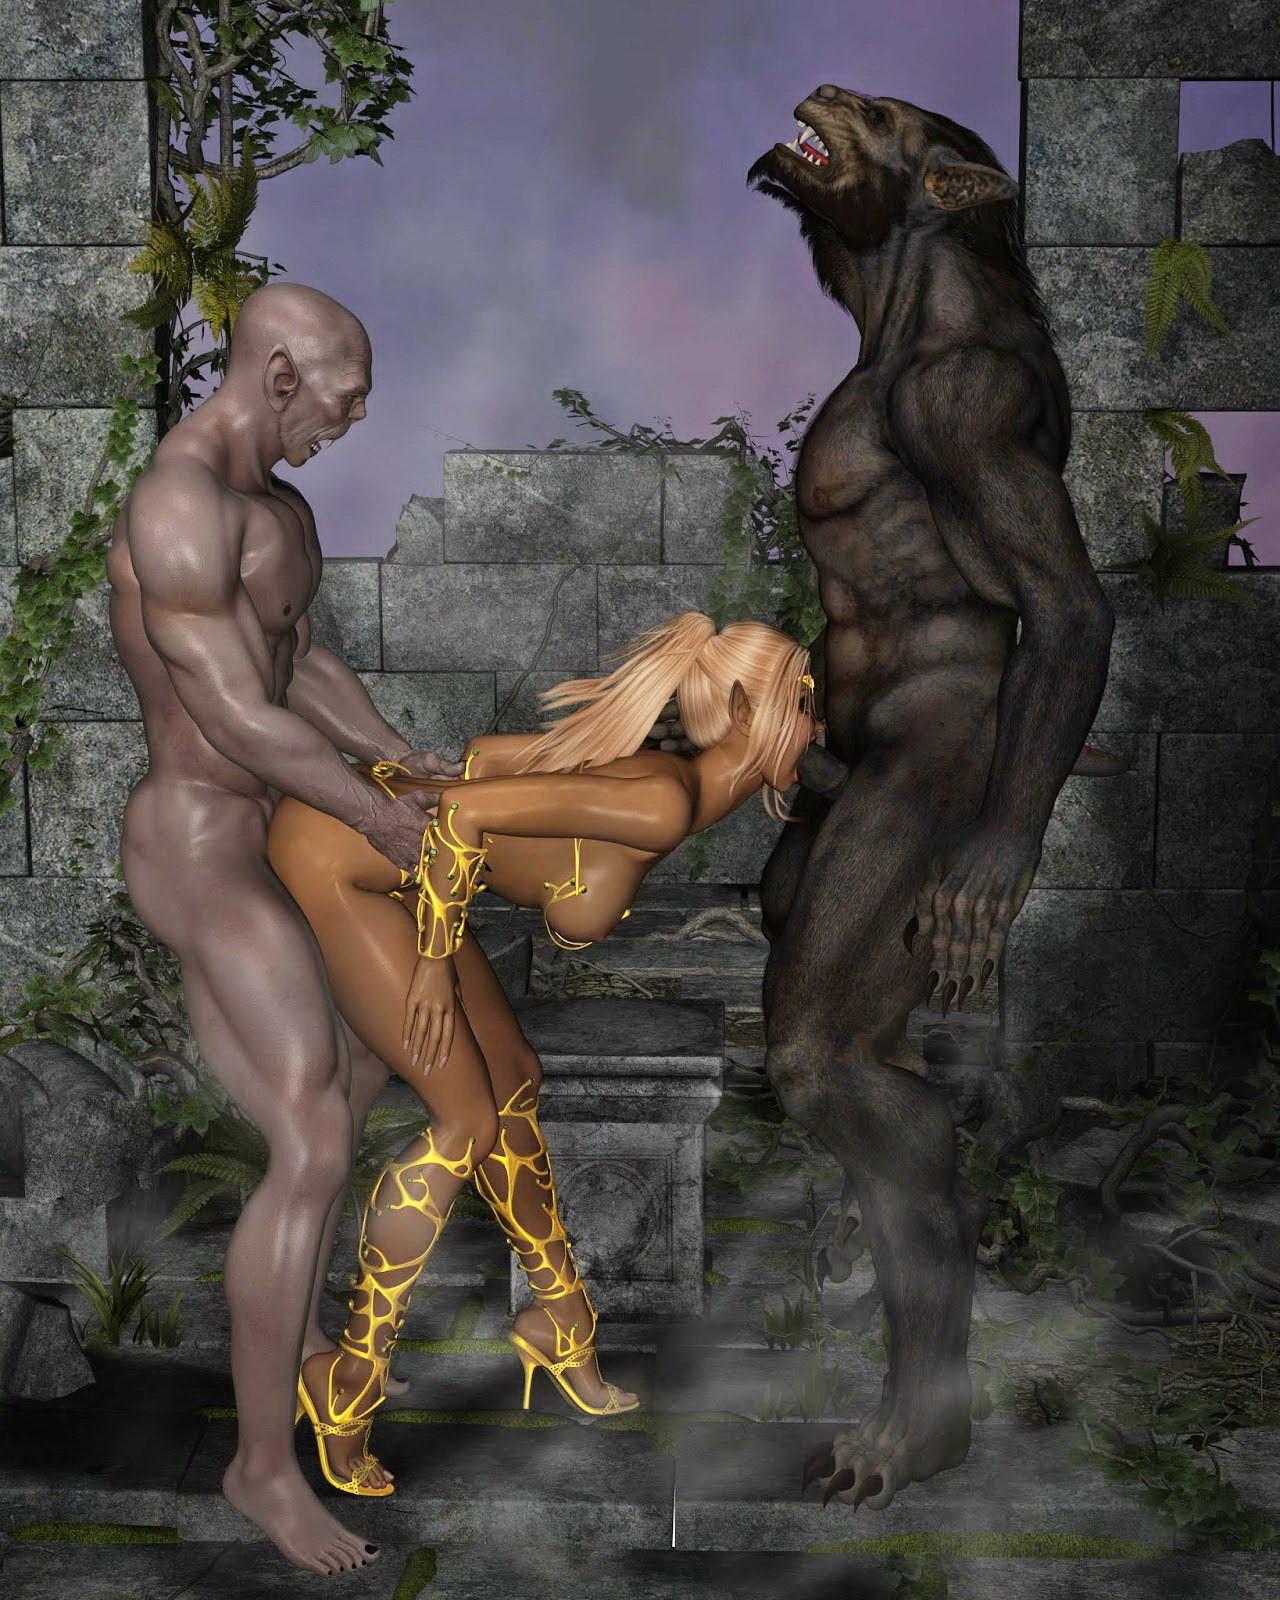 risunki-porno-s-goblinami